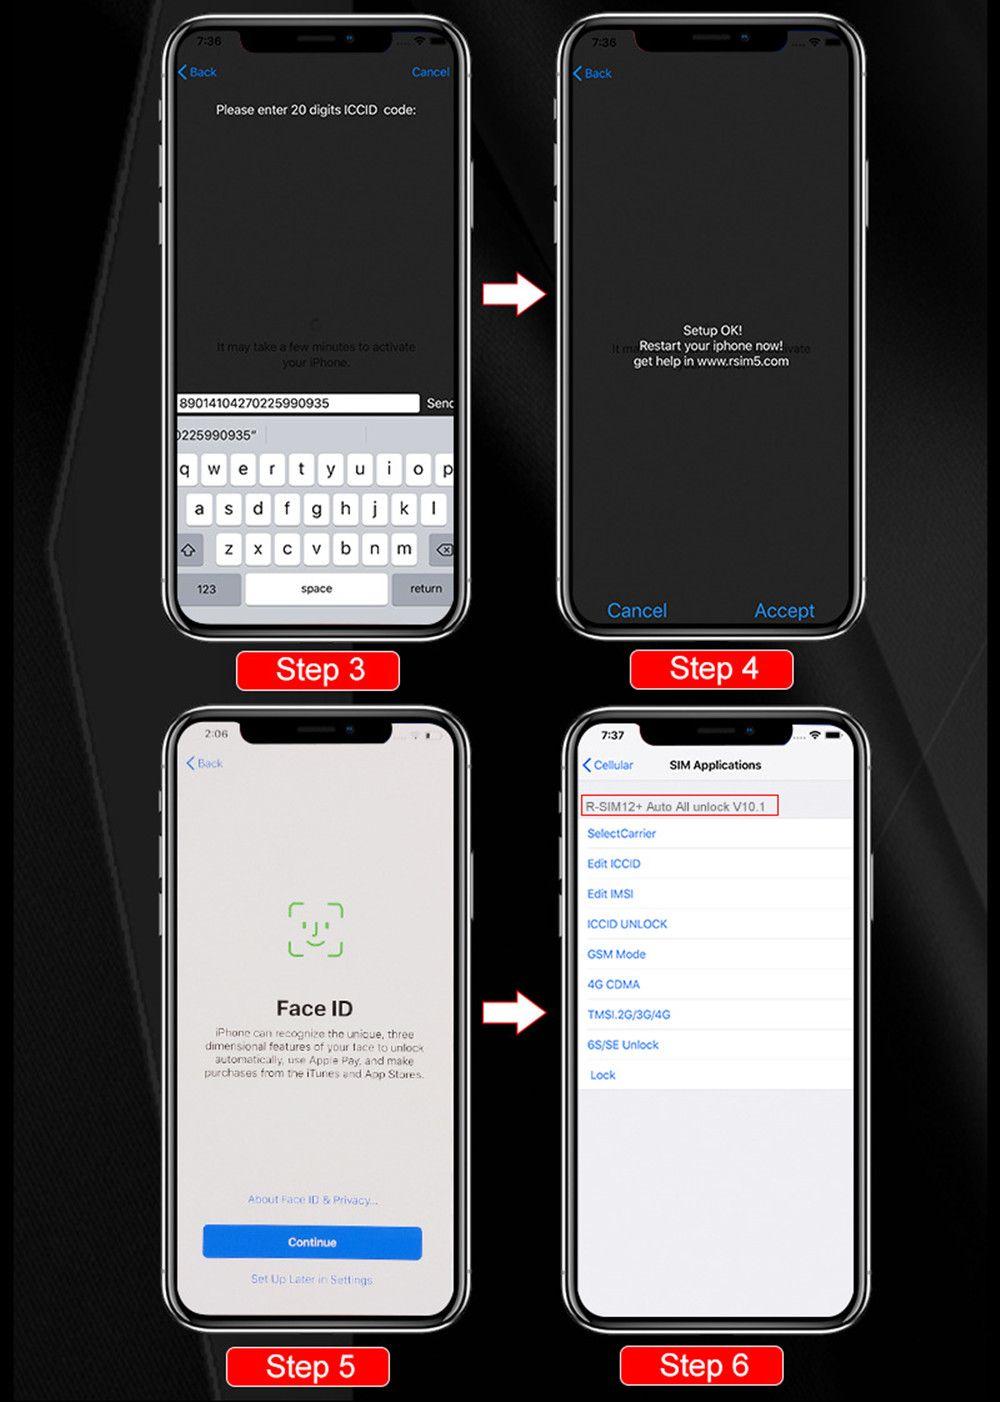 Iphone 6s Sim Karte.Handy Simlock Freischalten Rsim12 Perfect Unlock Für Iso 12 3 R Sim 12 Original Sim Karte Iccid Unlock Für Iphone Xs X 8 7 Vs R Sim 14 Handys